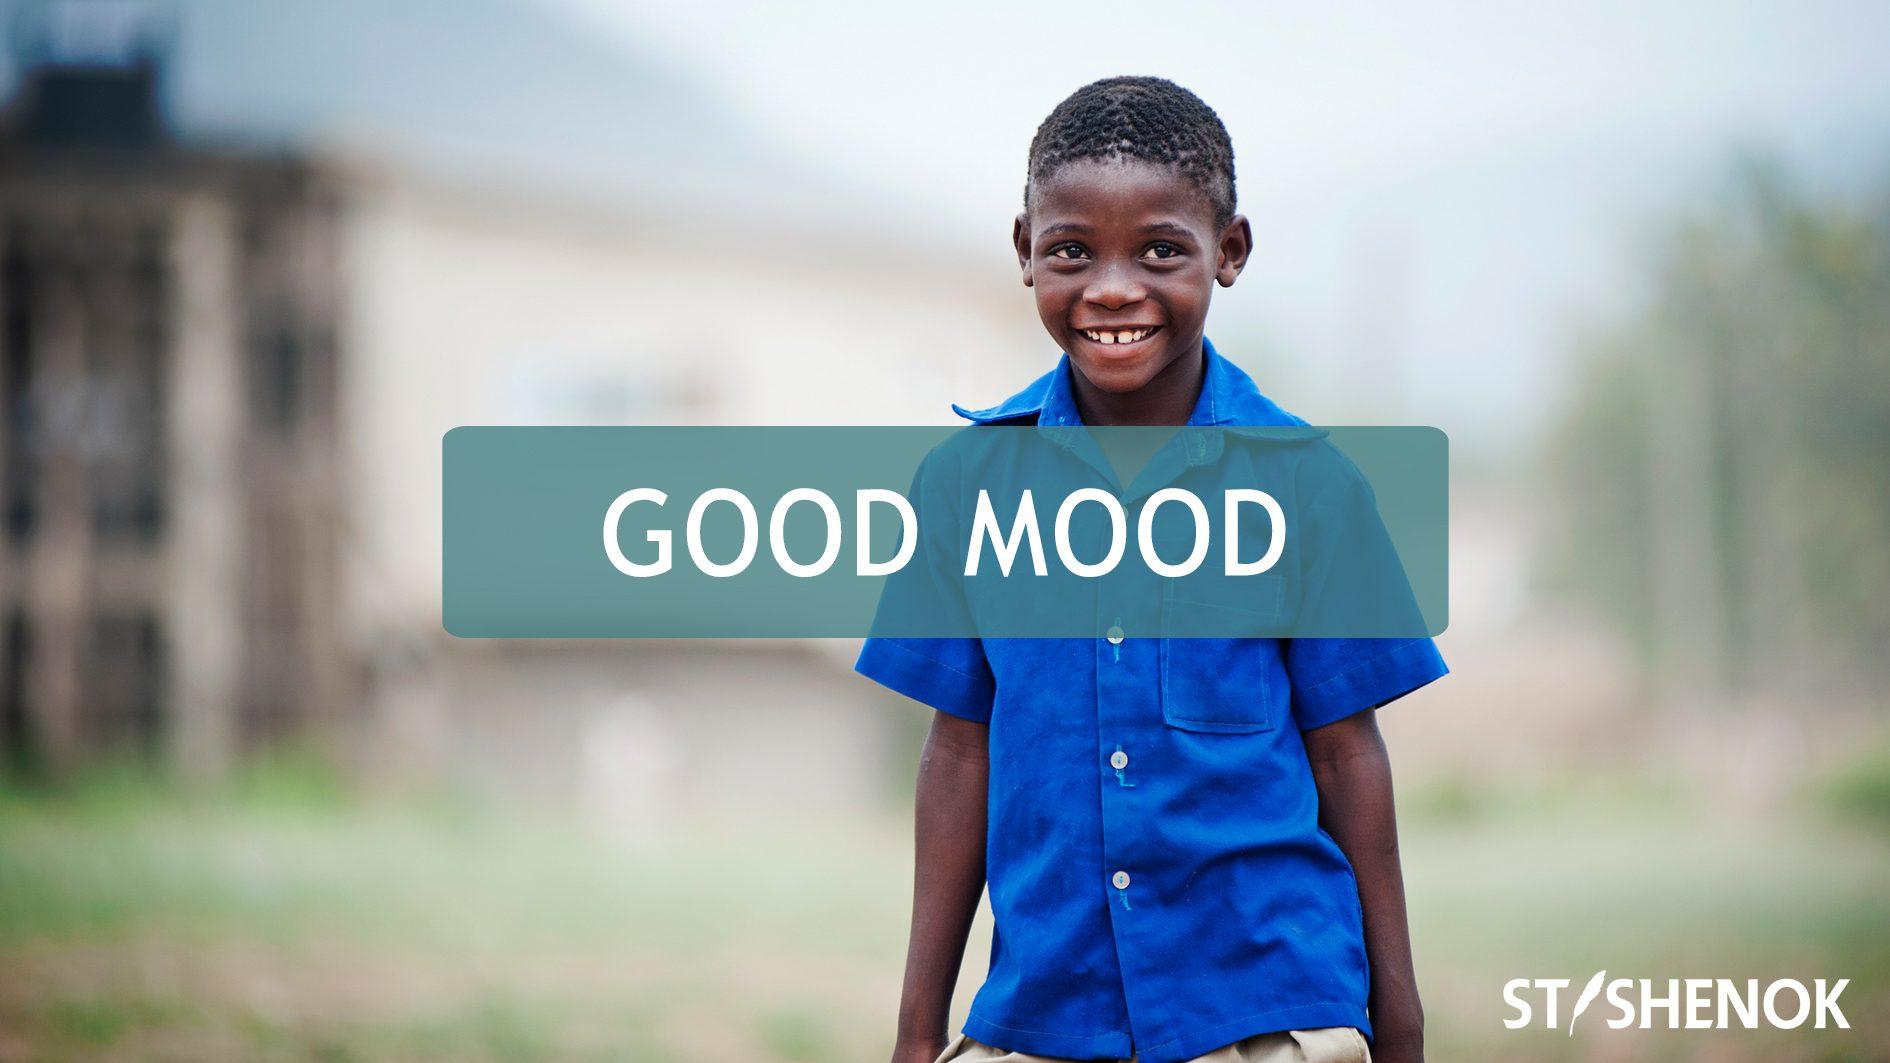 От улыбки. 7 способов сохранять хорошее настроение